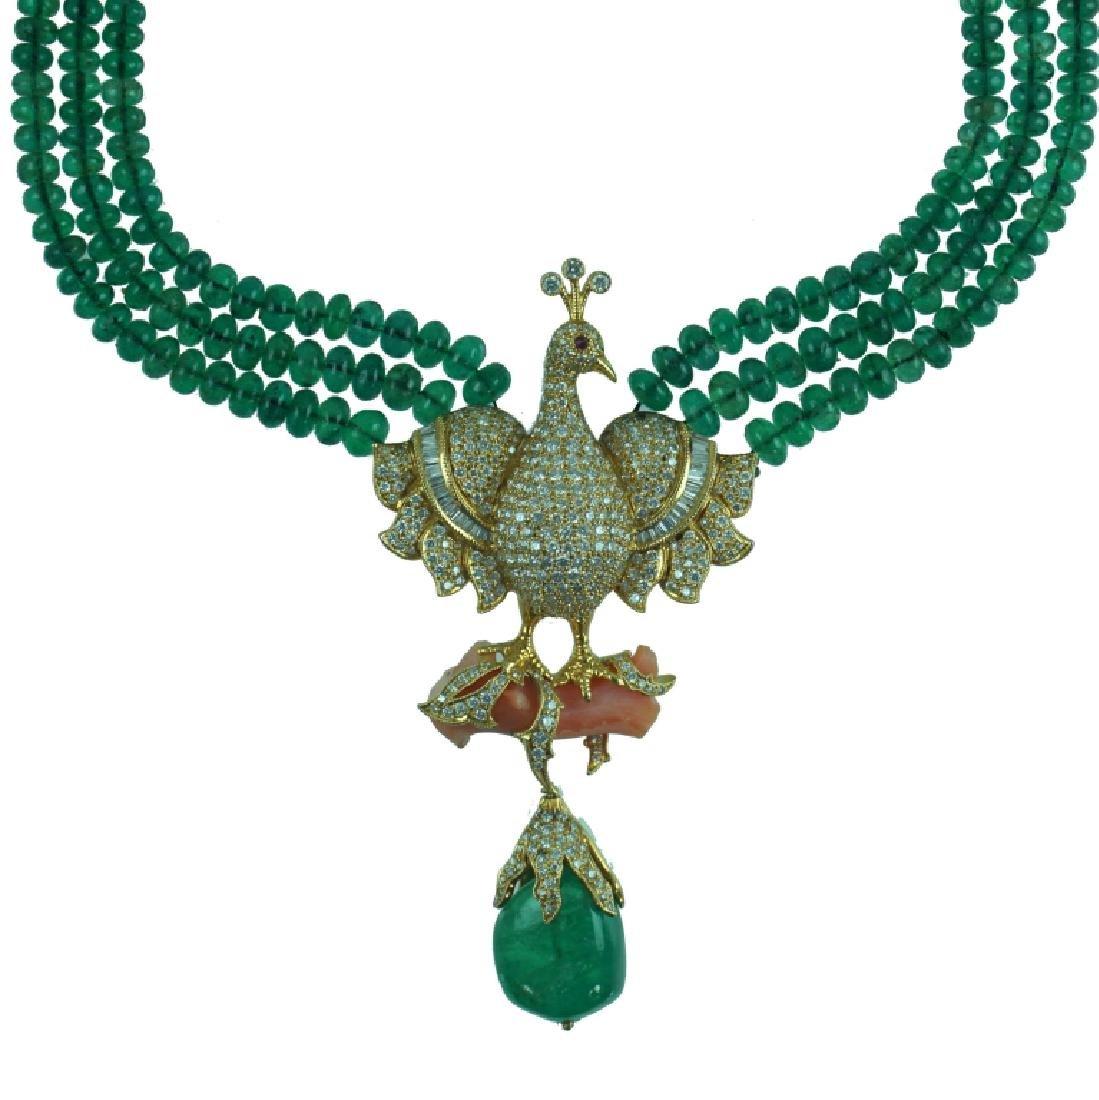 Contemporary Emerald & Diamond Peacock Necklace